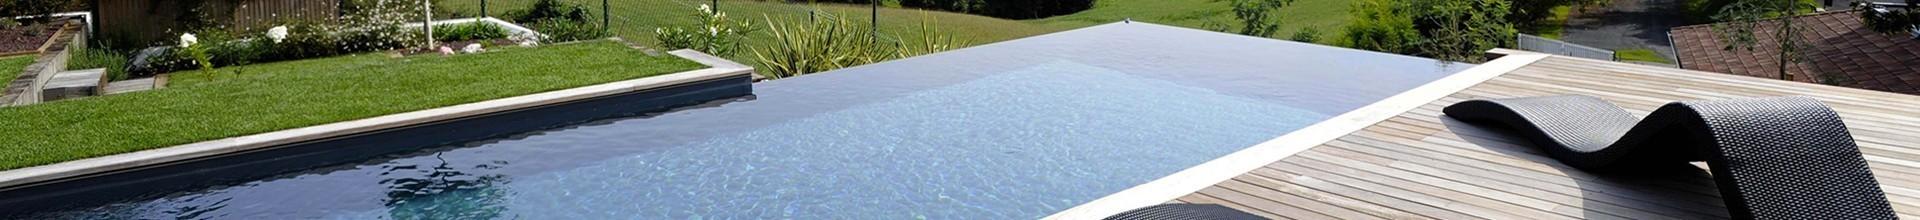 Projet piscine Bourgogne Franche Comté : votre projet coque polyester